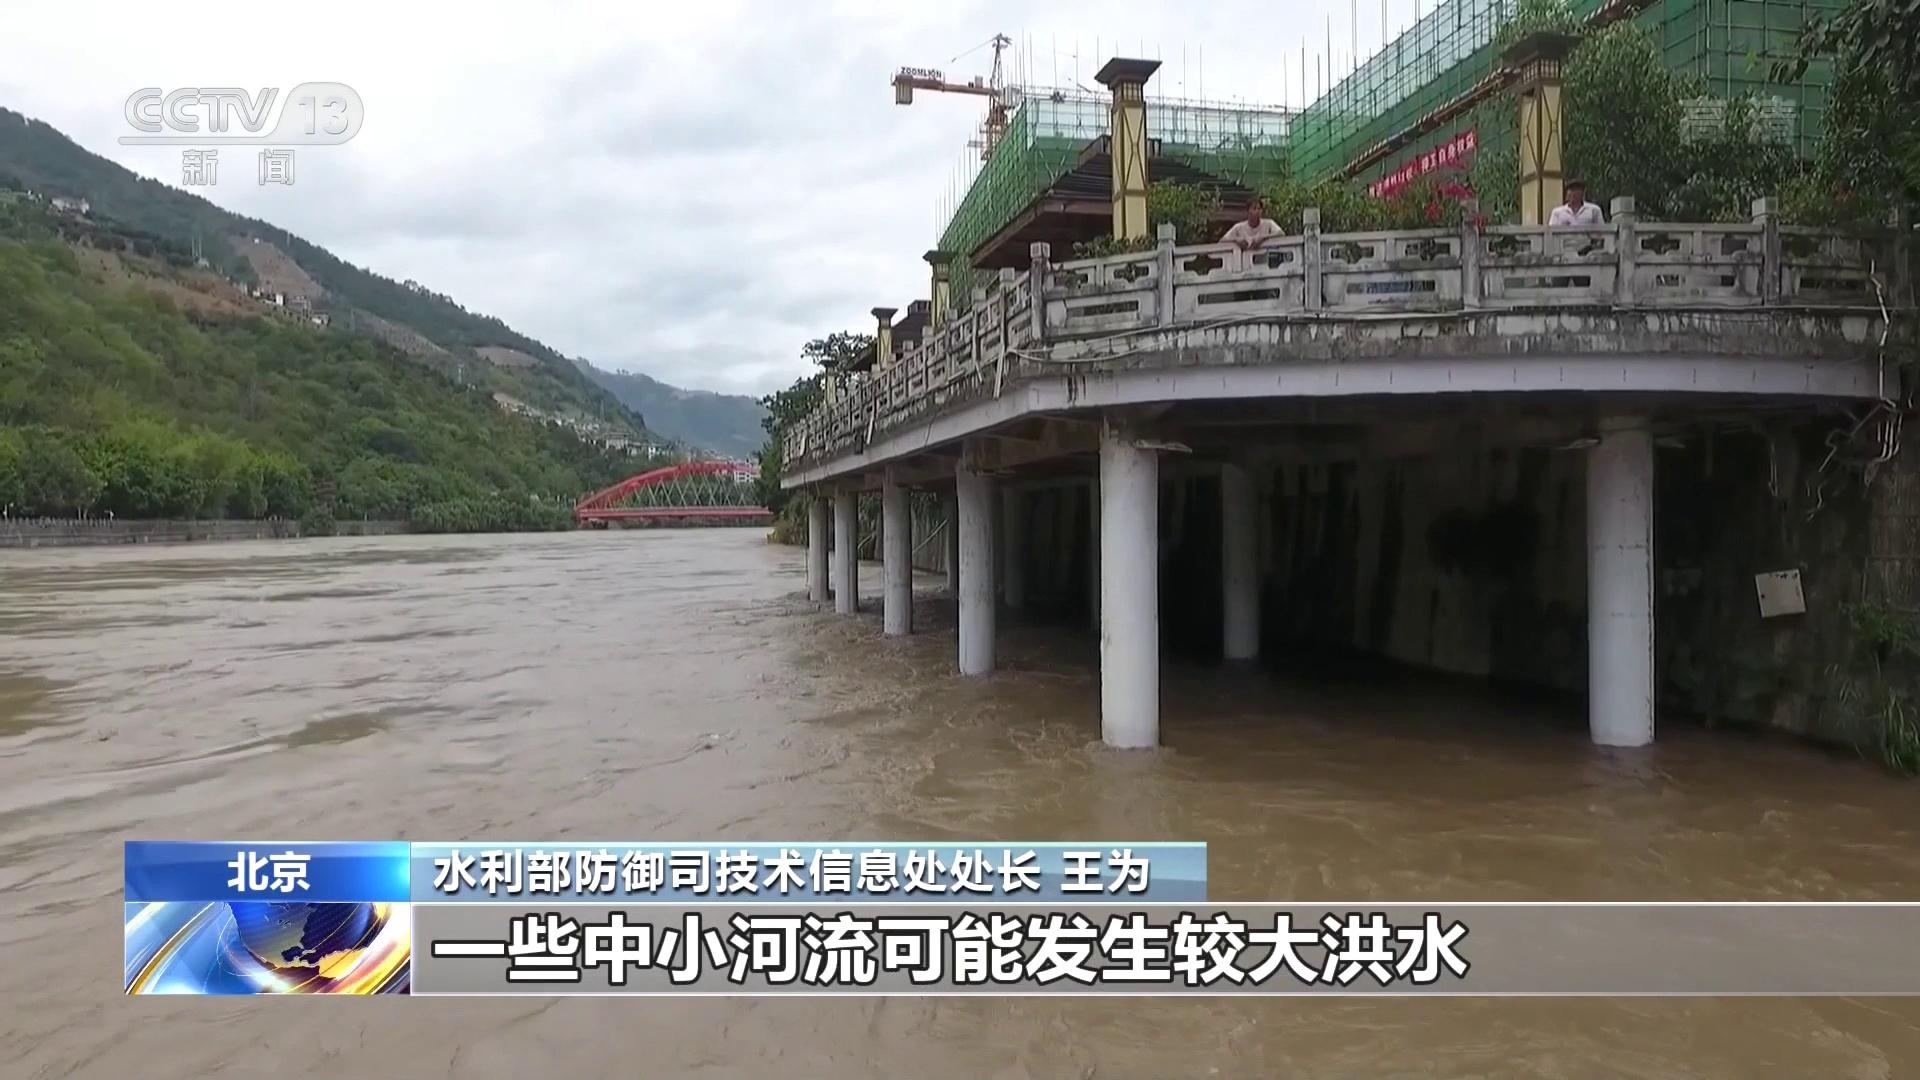 【赢咖3开户】河流发赢咖3开户生较大洪图片